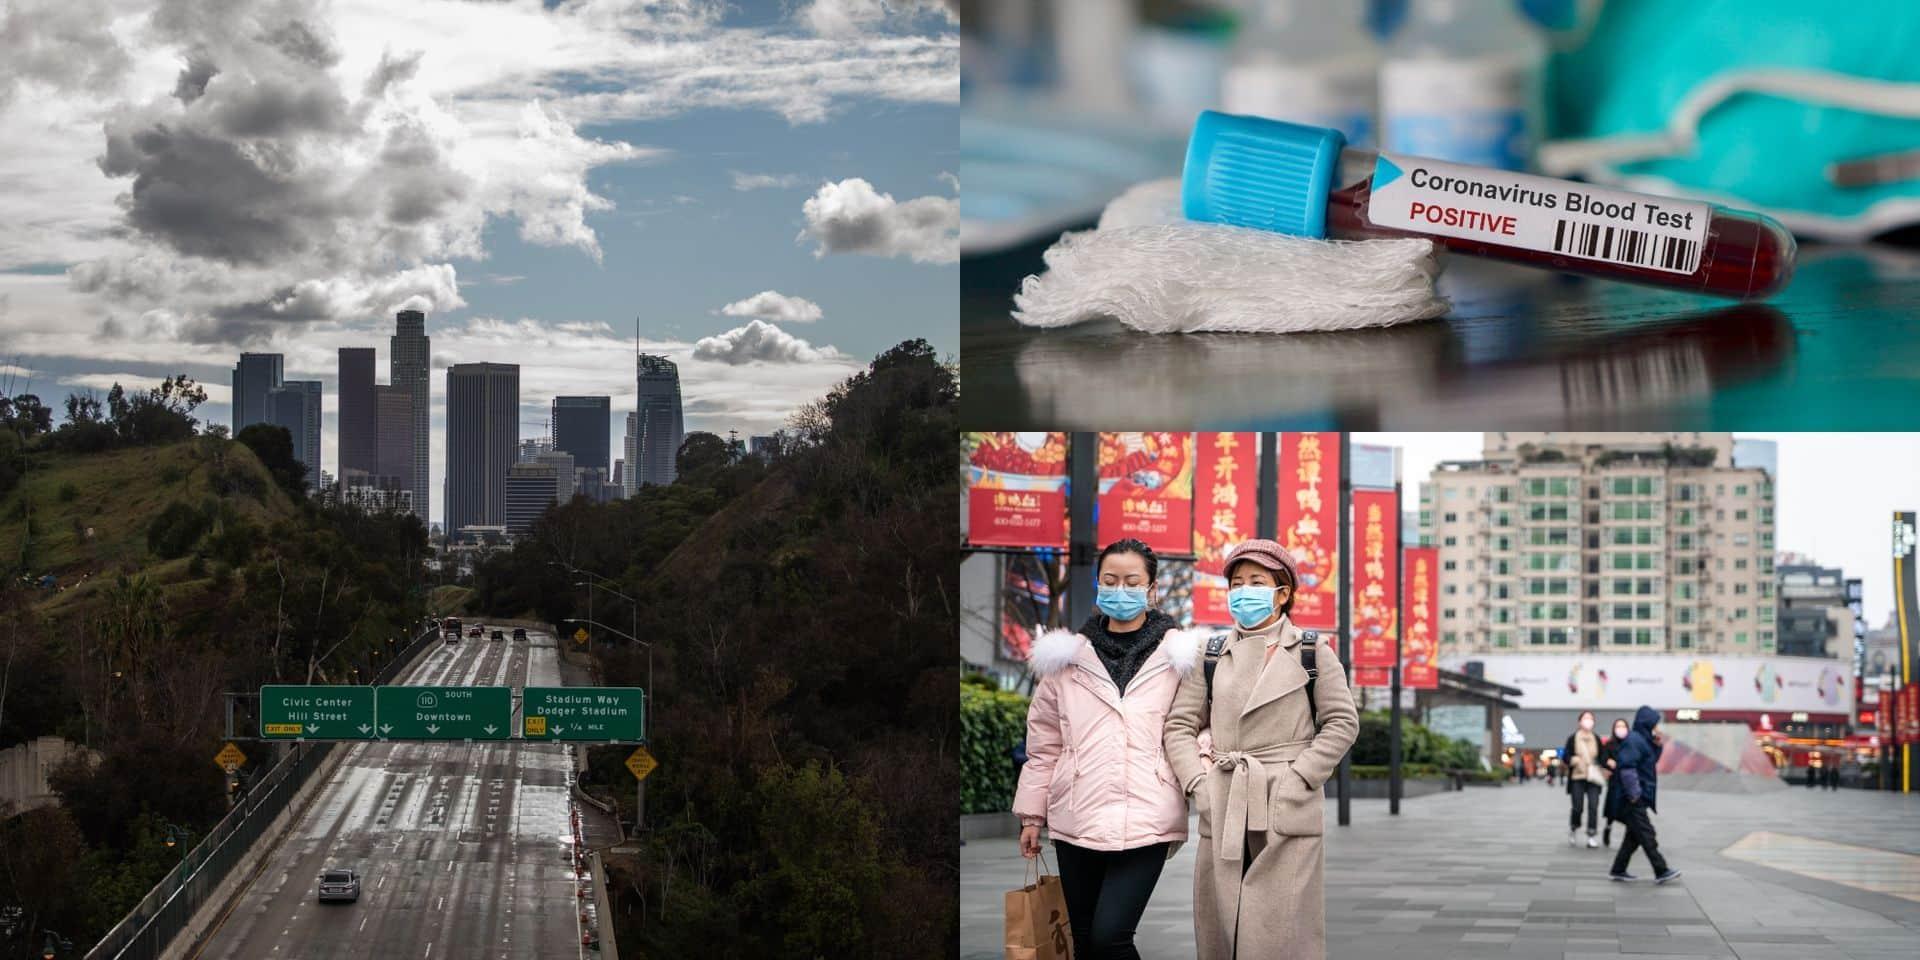 Coronavirus dans le monde: plus de 10.000 morts dans le monde, la majorité en Europe, l'Espagne passe la barre des 1.000 décès, New-York et la Californie en confinement